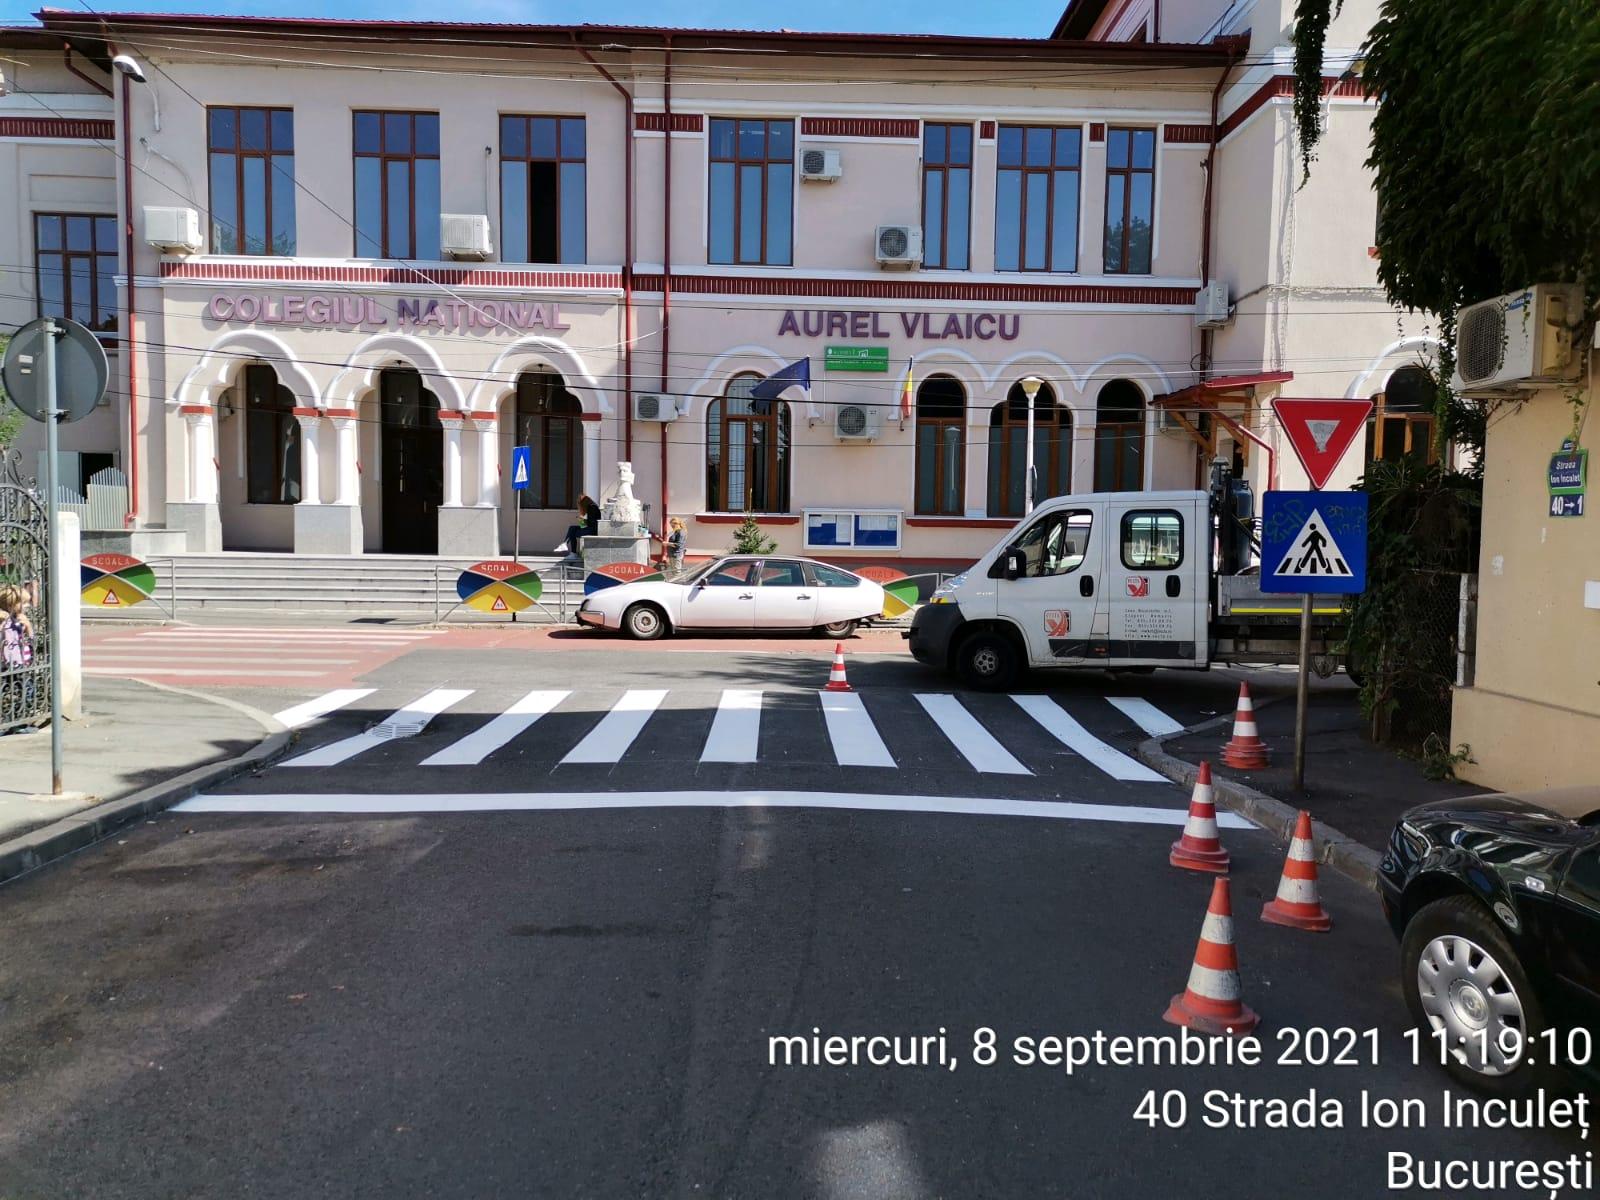 Am intensificat lucrările de semnalizare rutieră în preajma unităților de învățământ